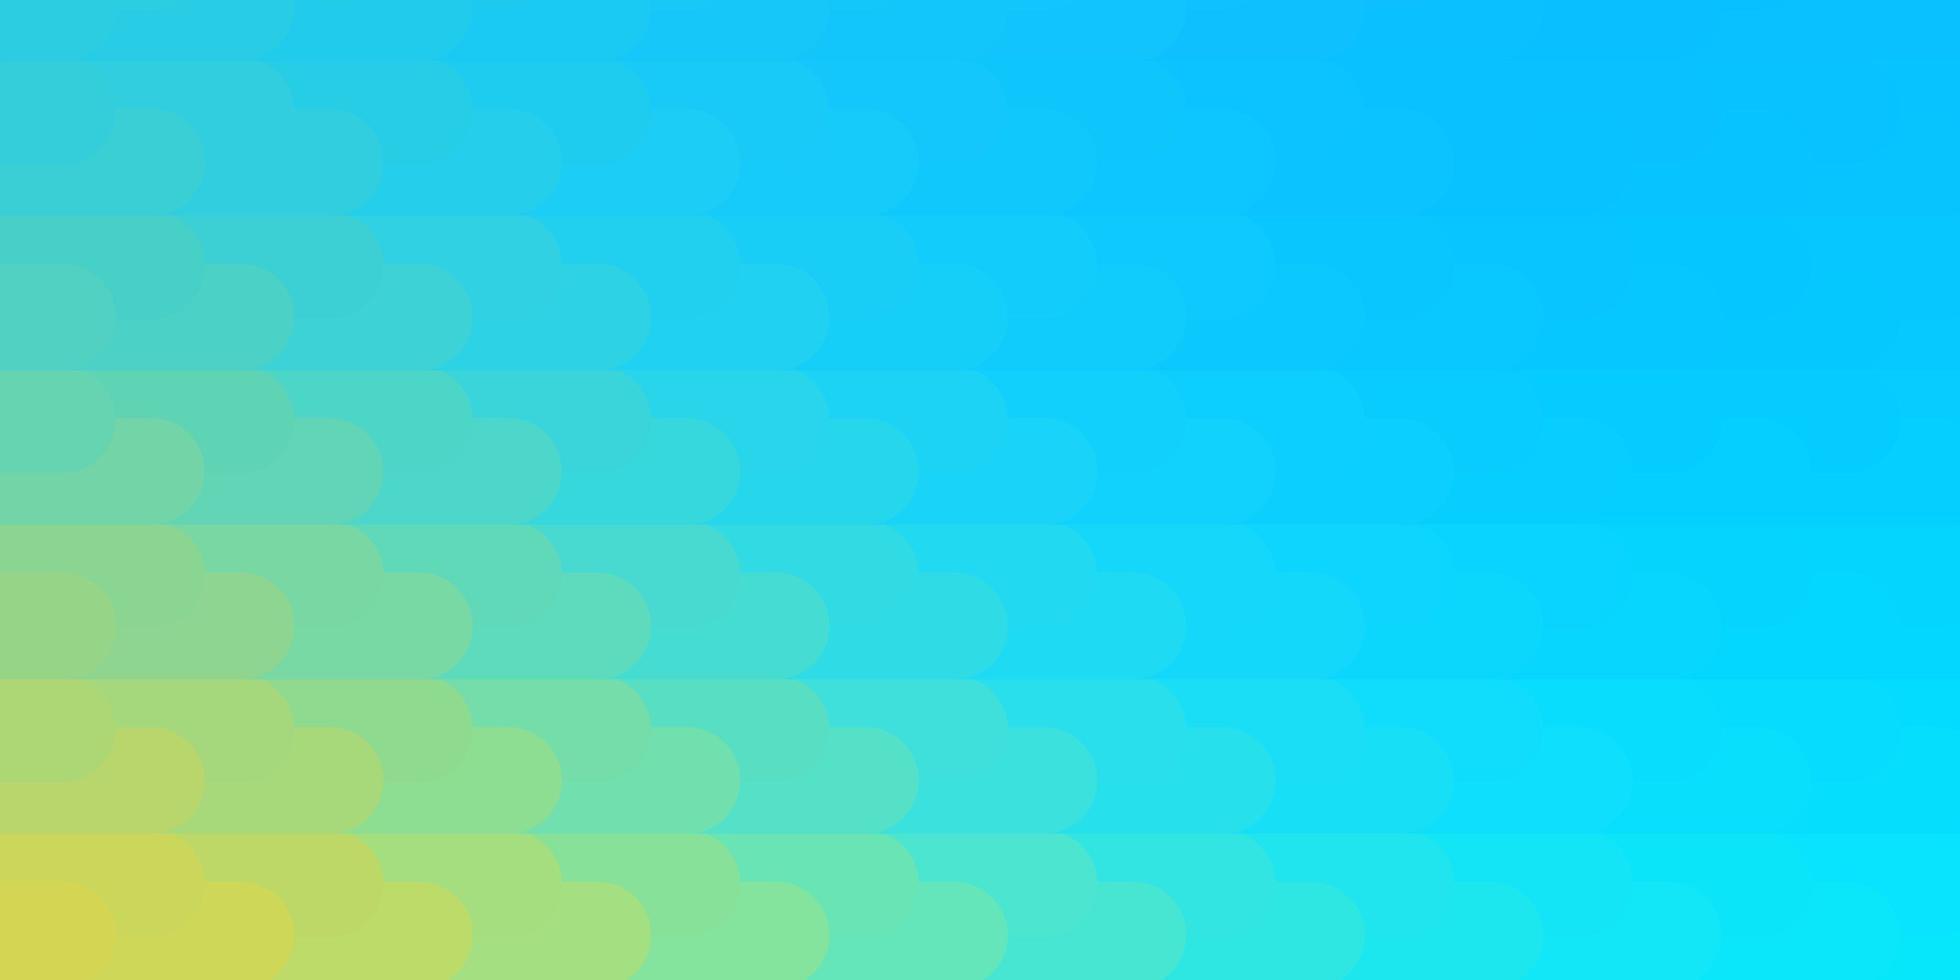 lichtblauwe, gele vectorachtergrond met lijnen. vector